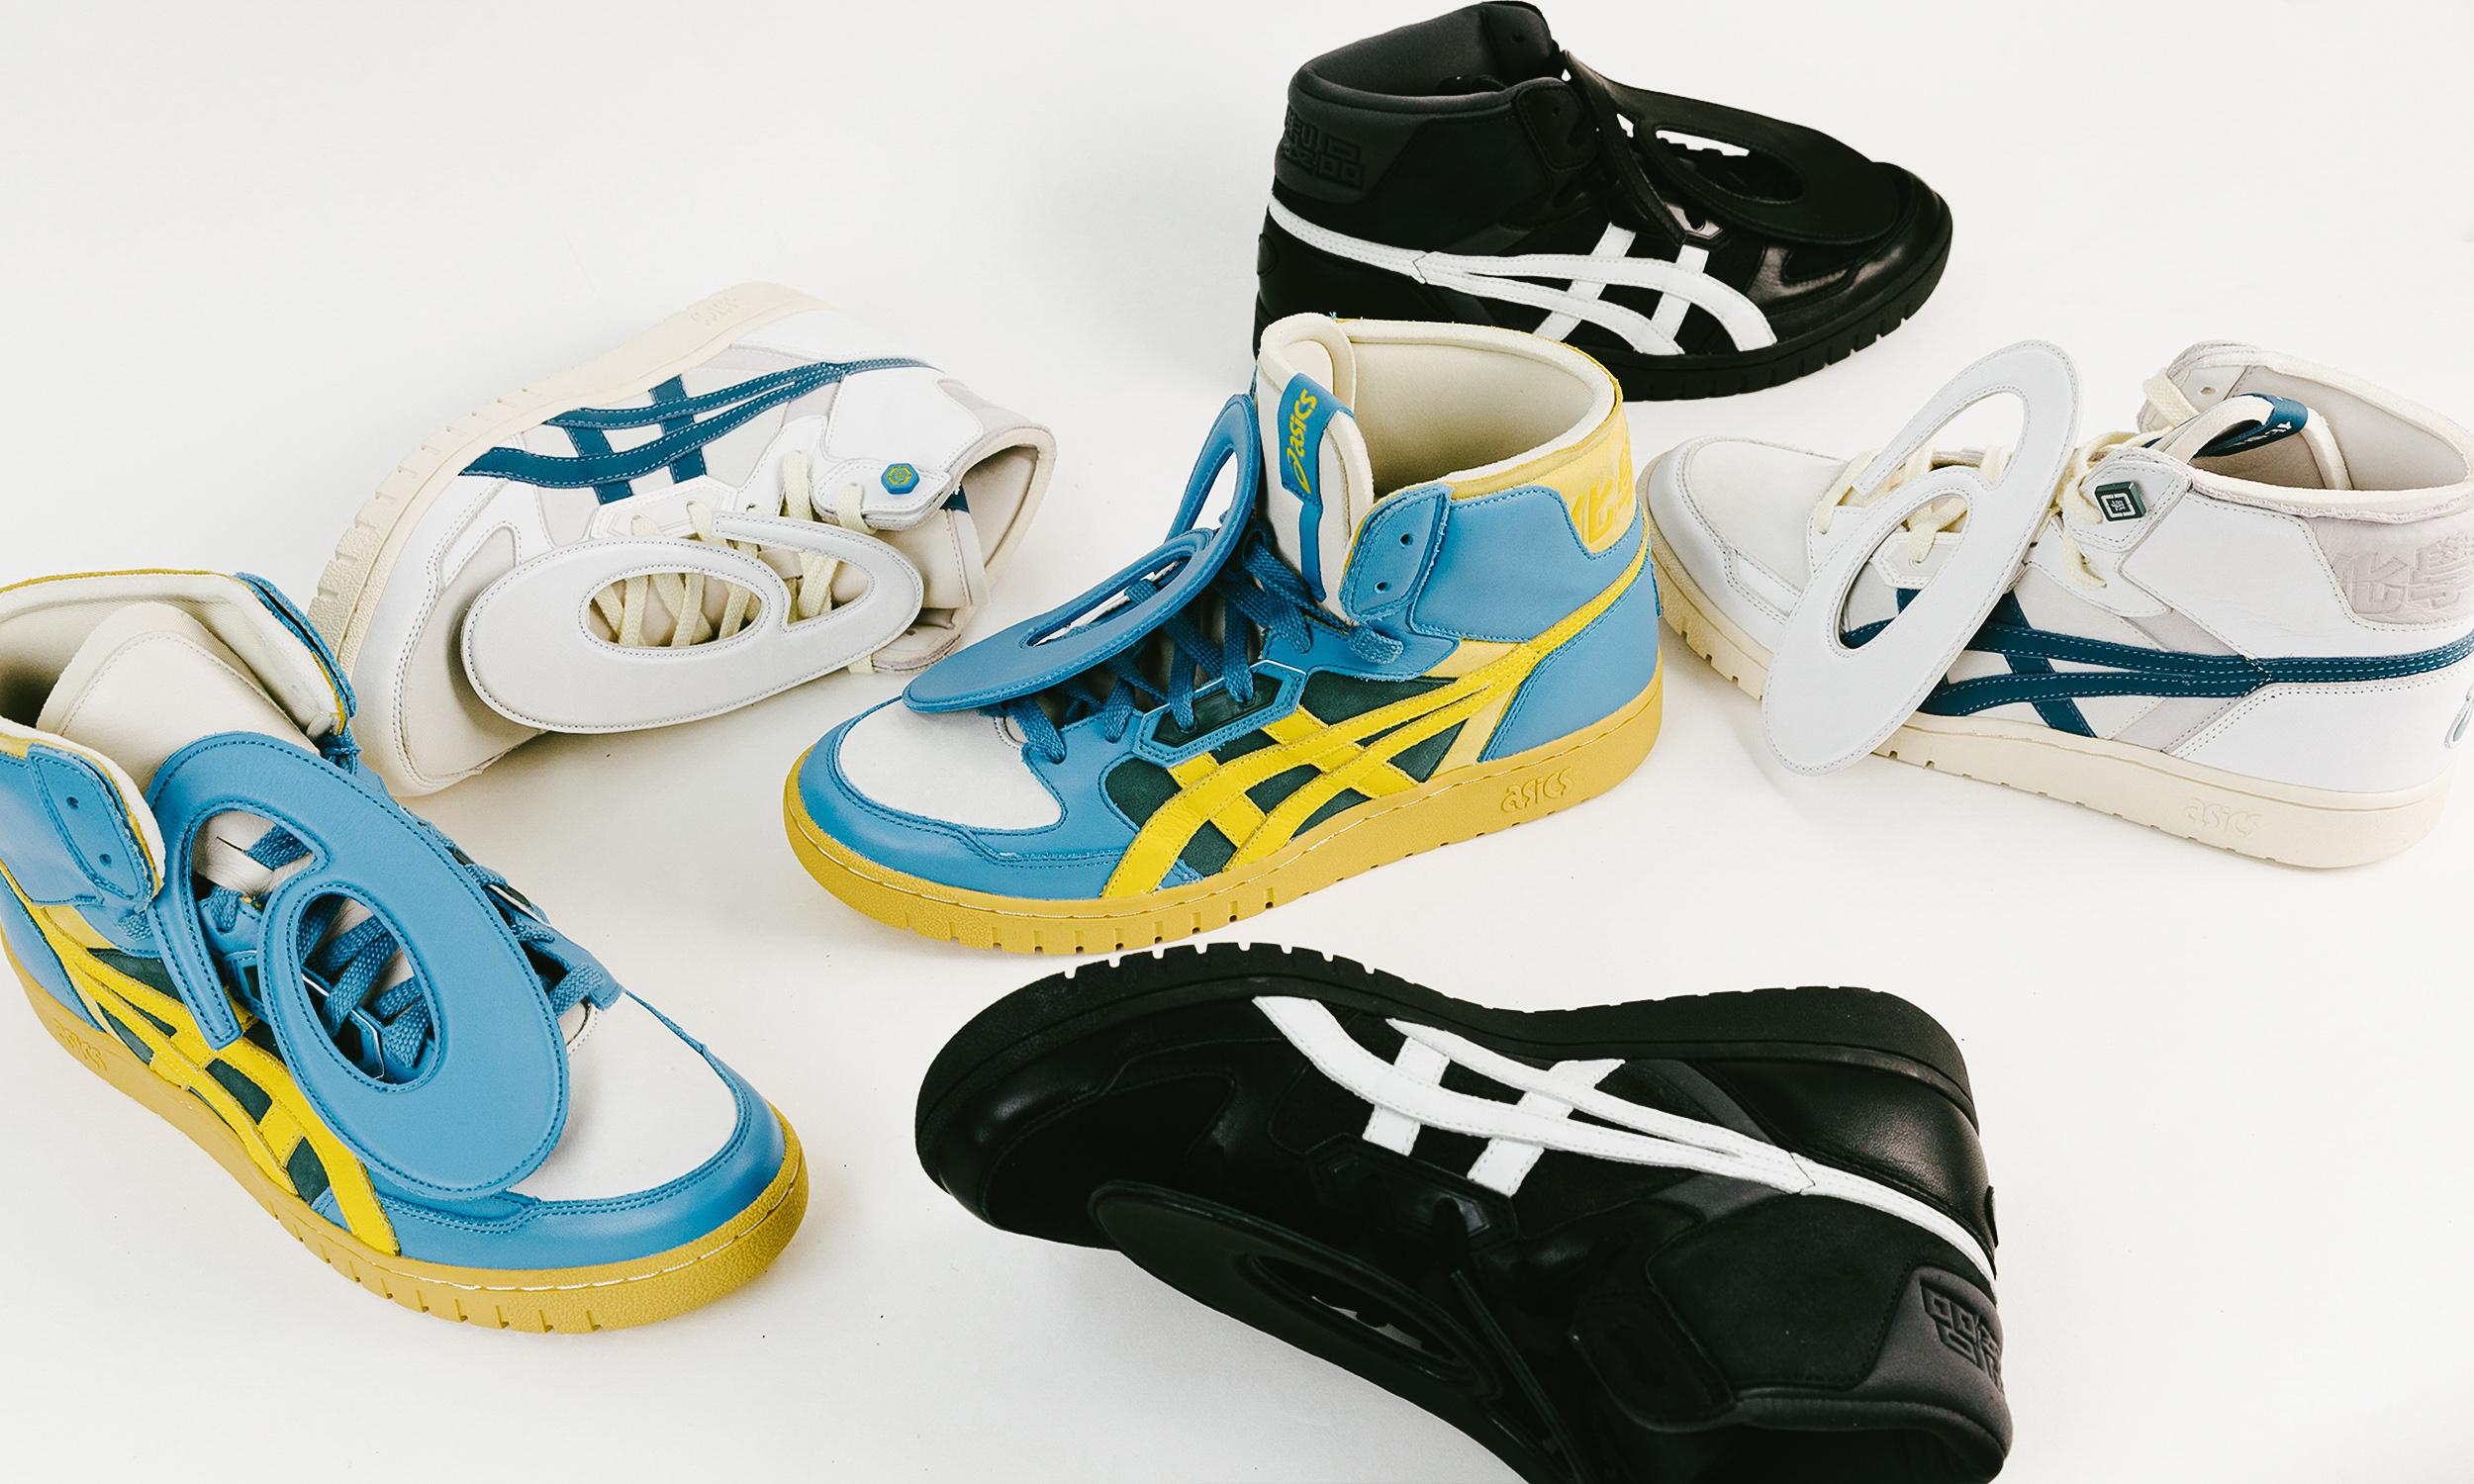 新鞋即将发售,化学制品和 ASICS 又合作了?